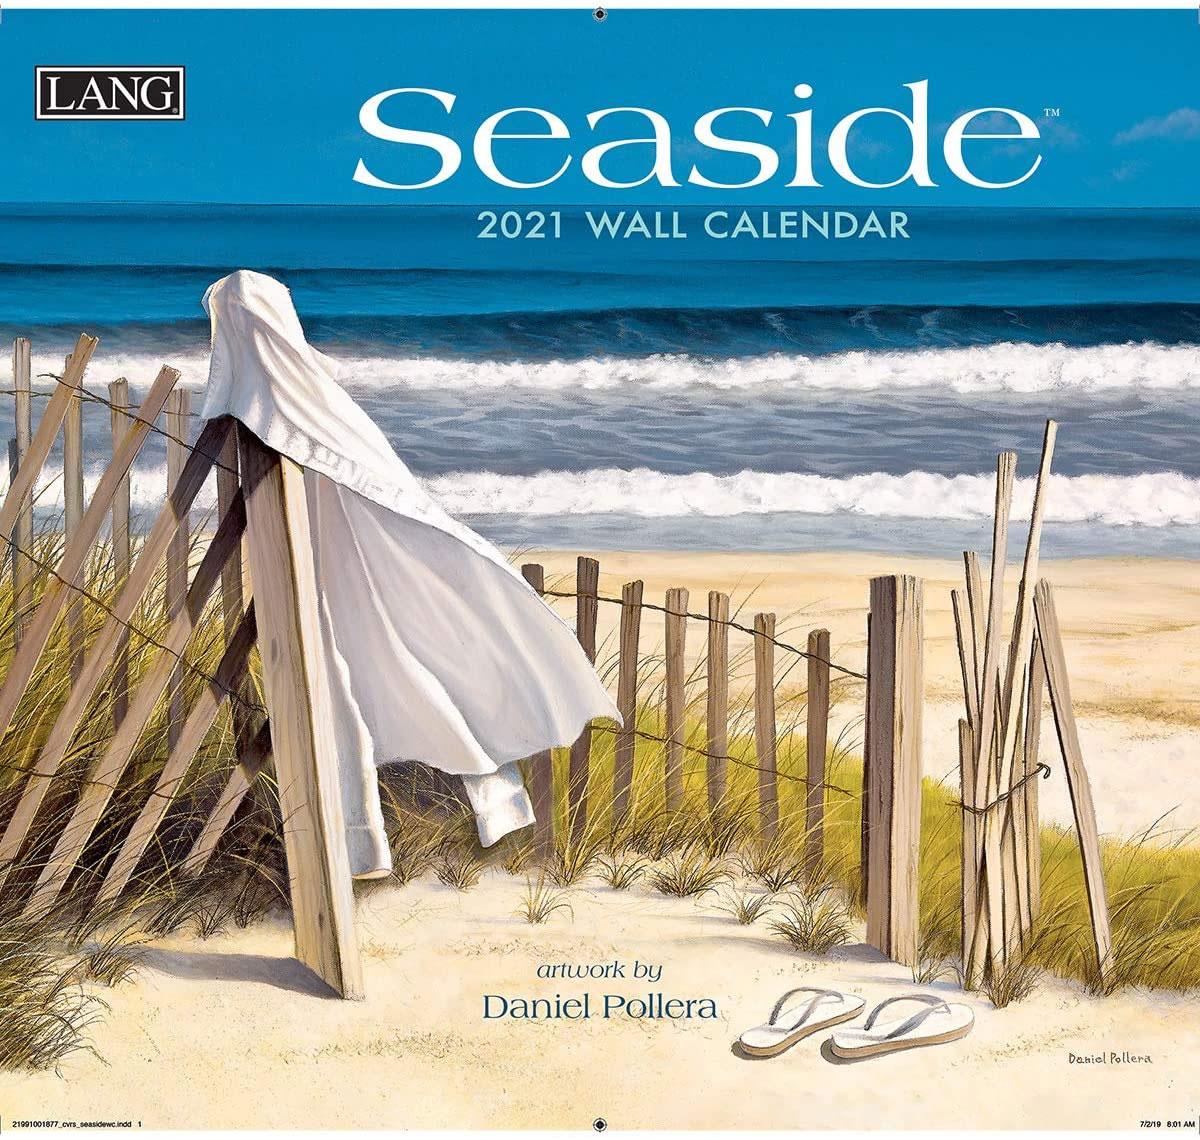 Calendario de pared 2021 Lang Seaside